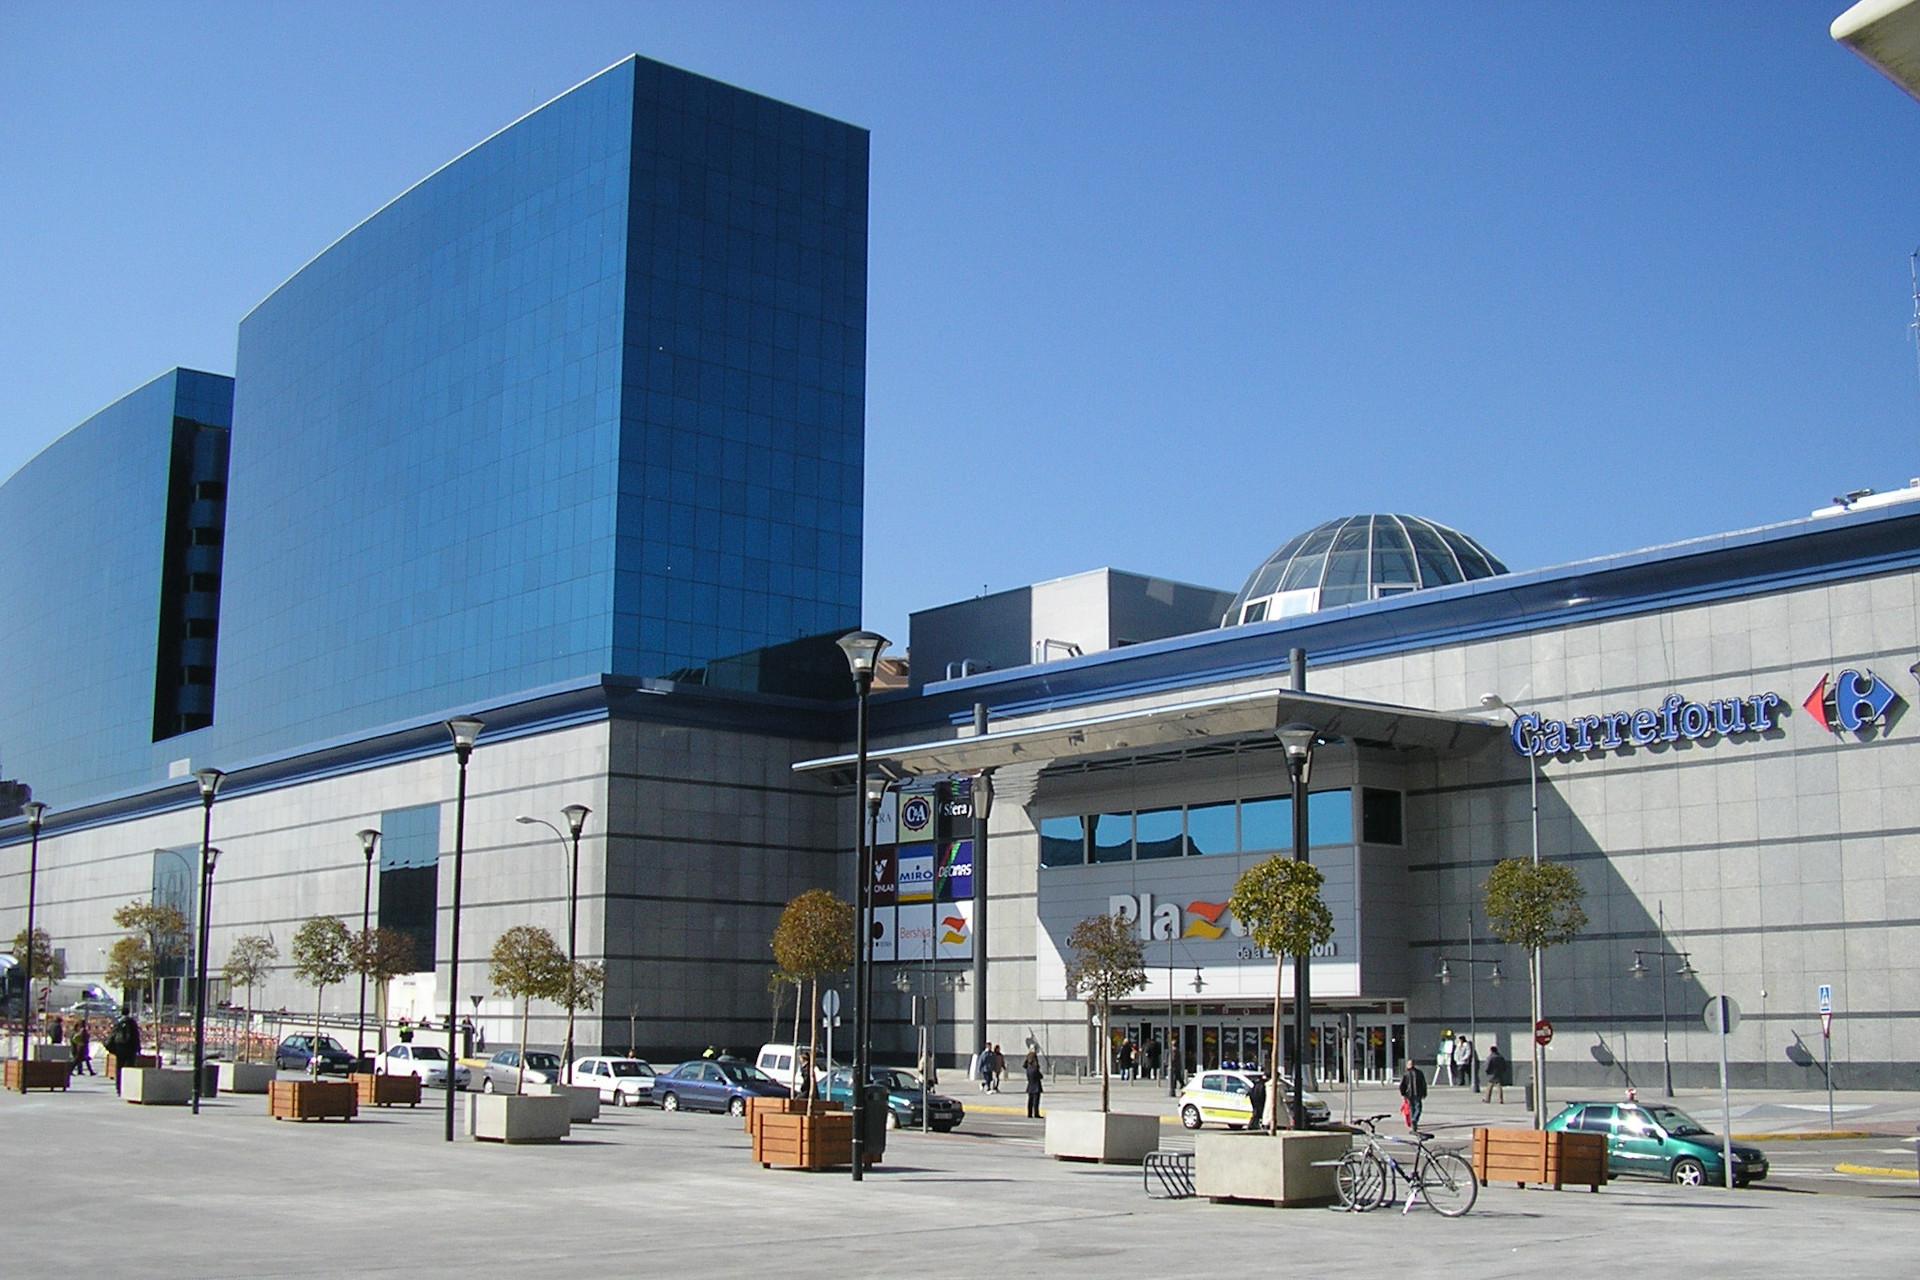 Centro Comercial Plaza de la Estación (Fuenlabrada)